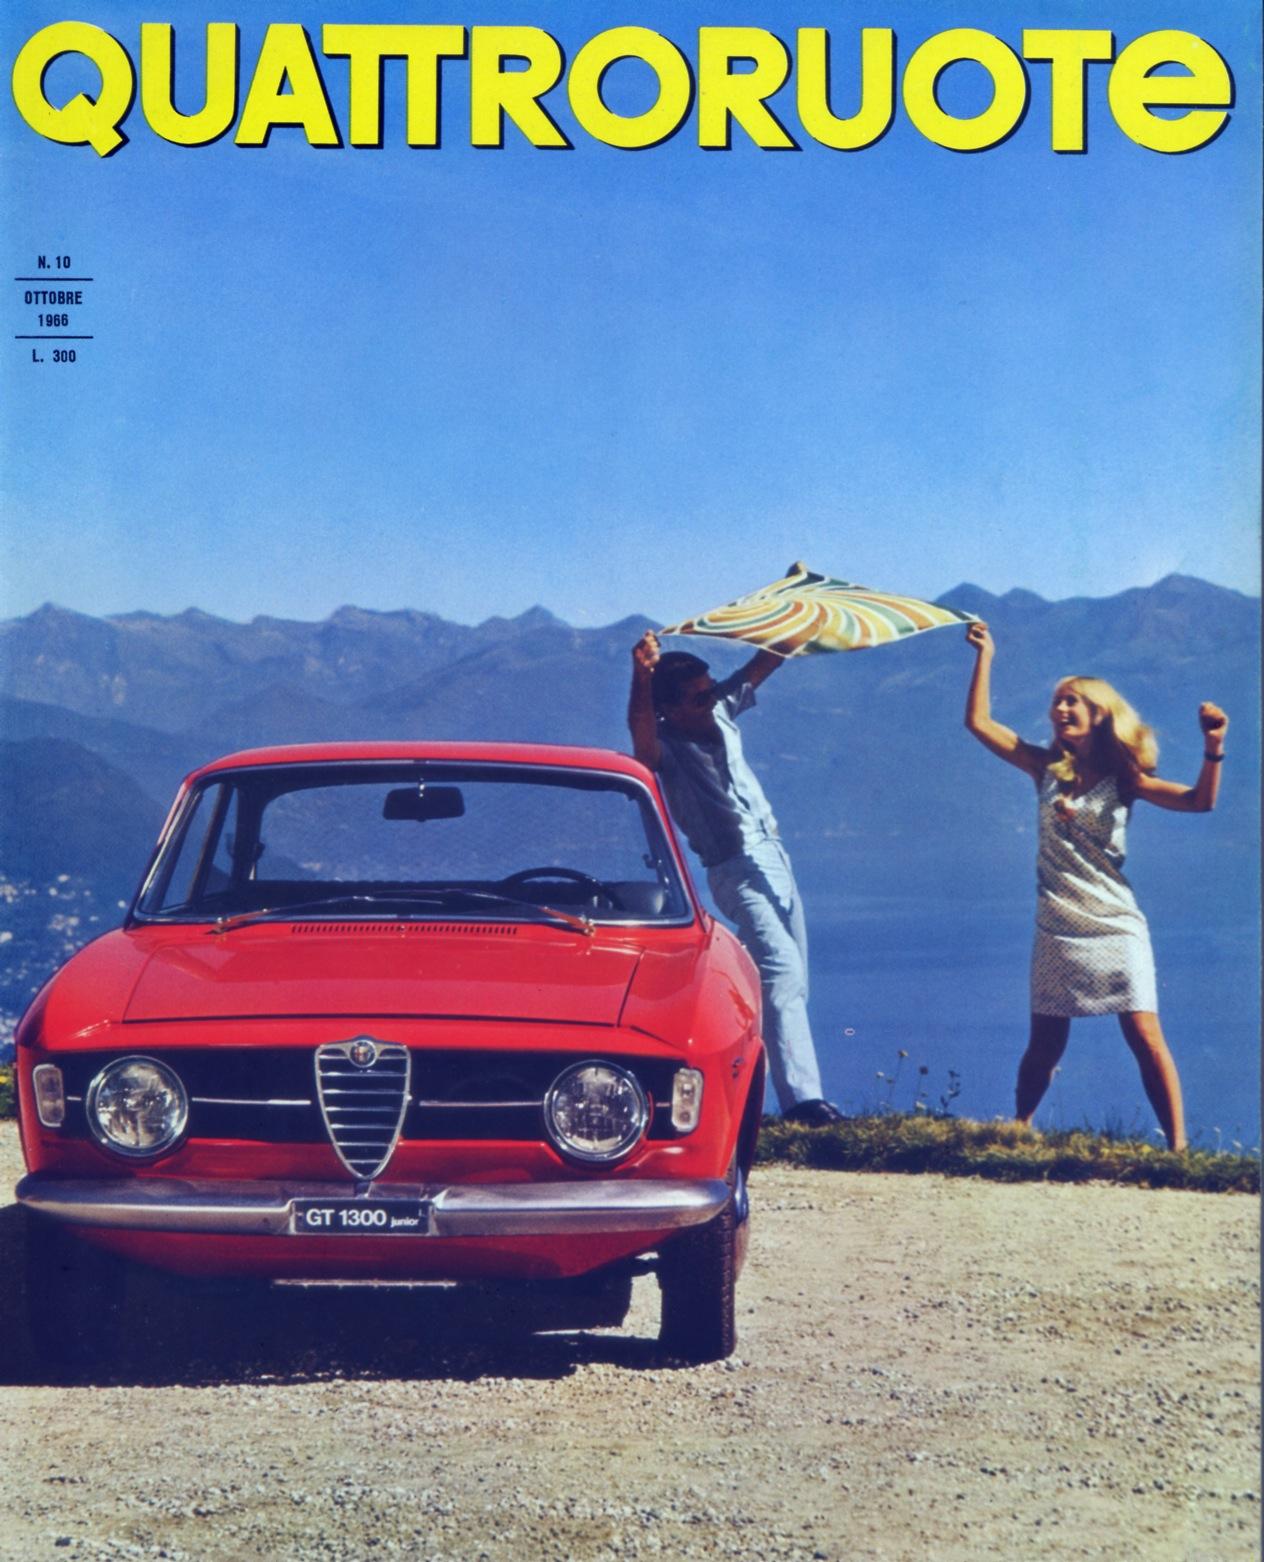 1966 quattroruote copertina ottobre 130